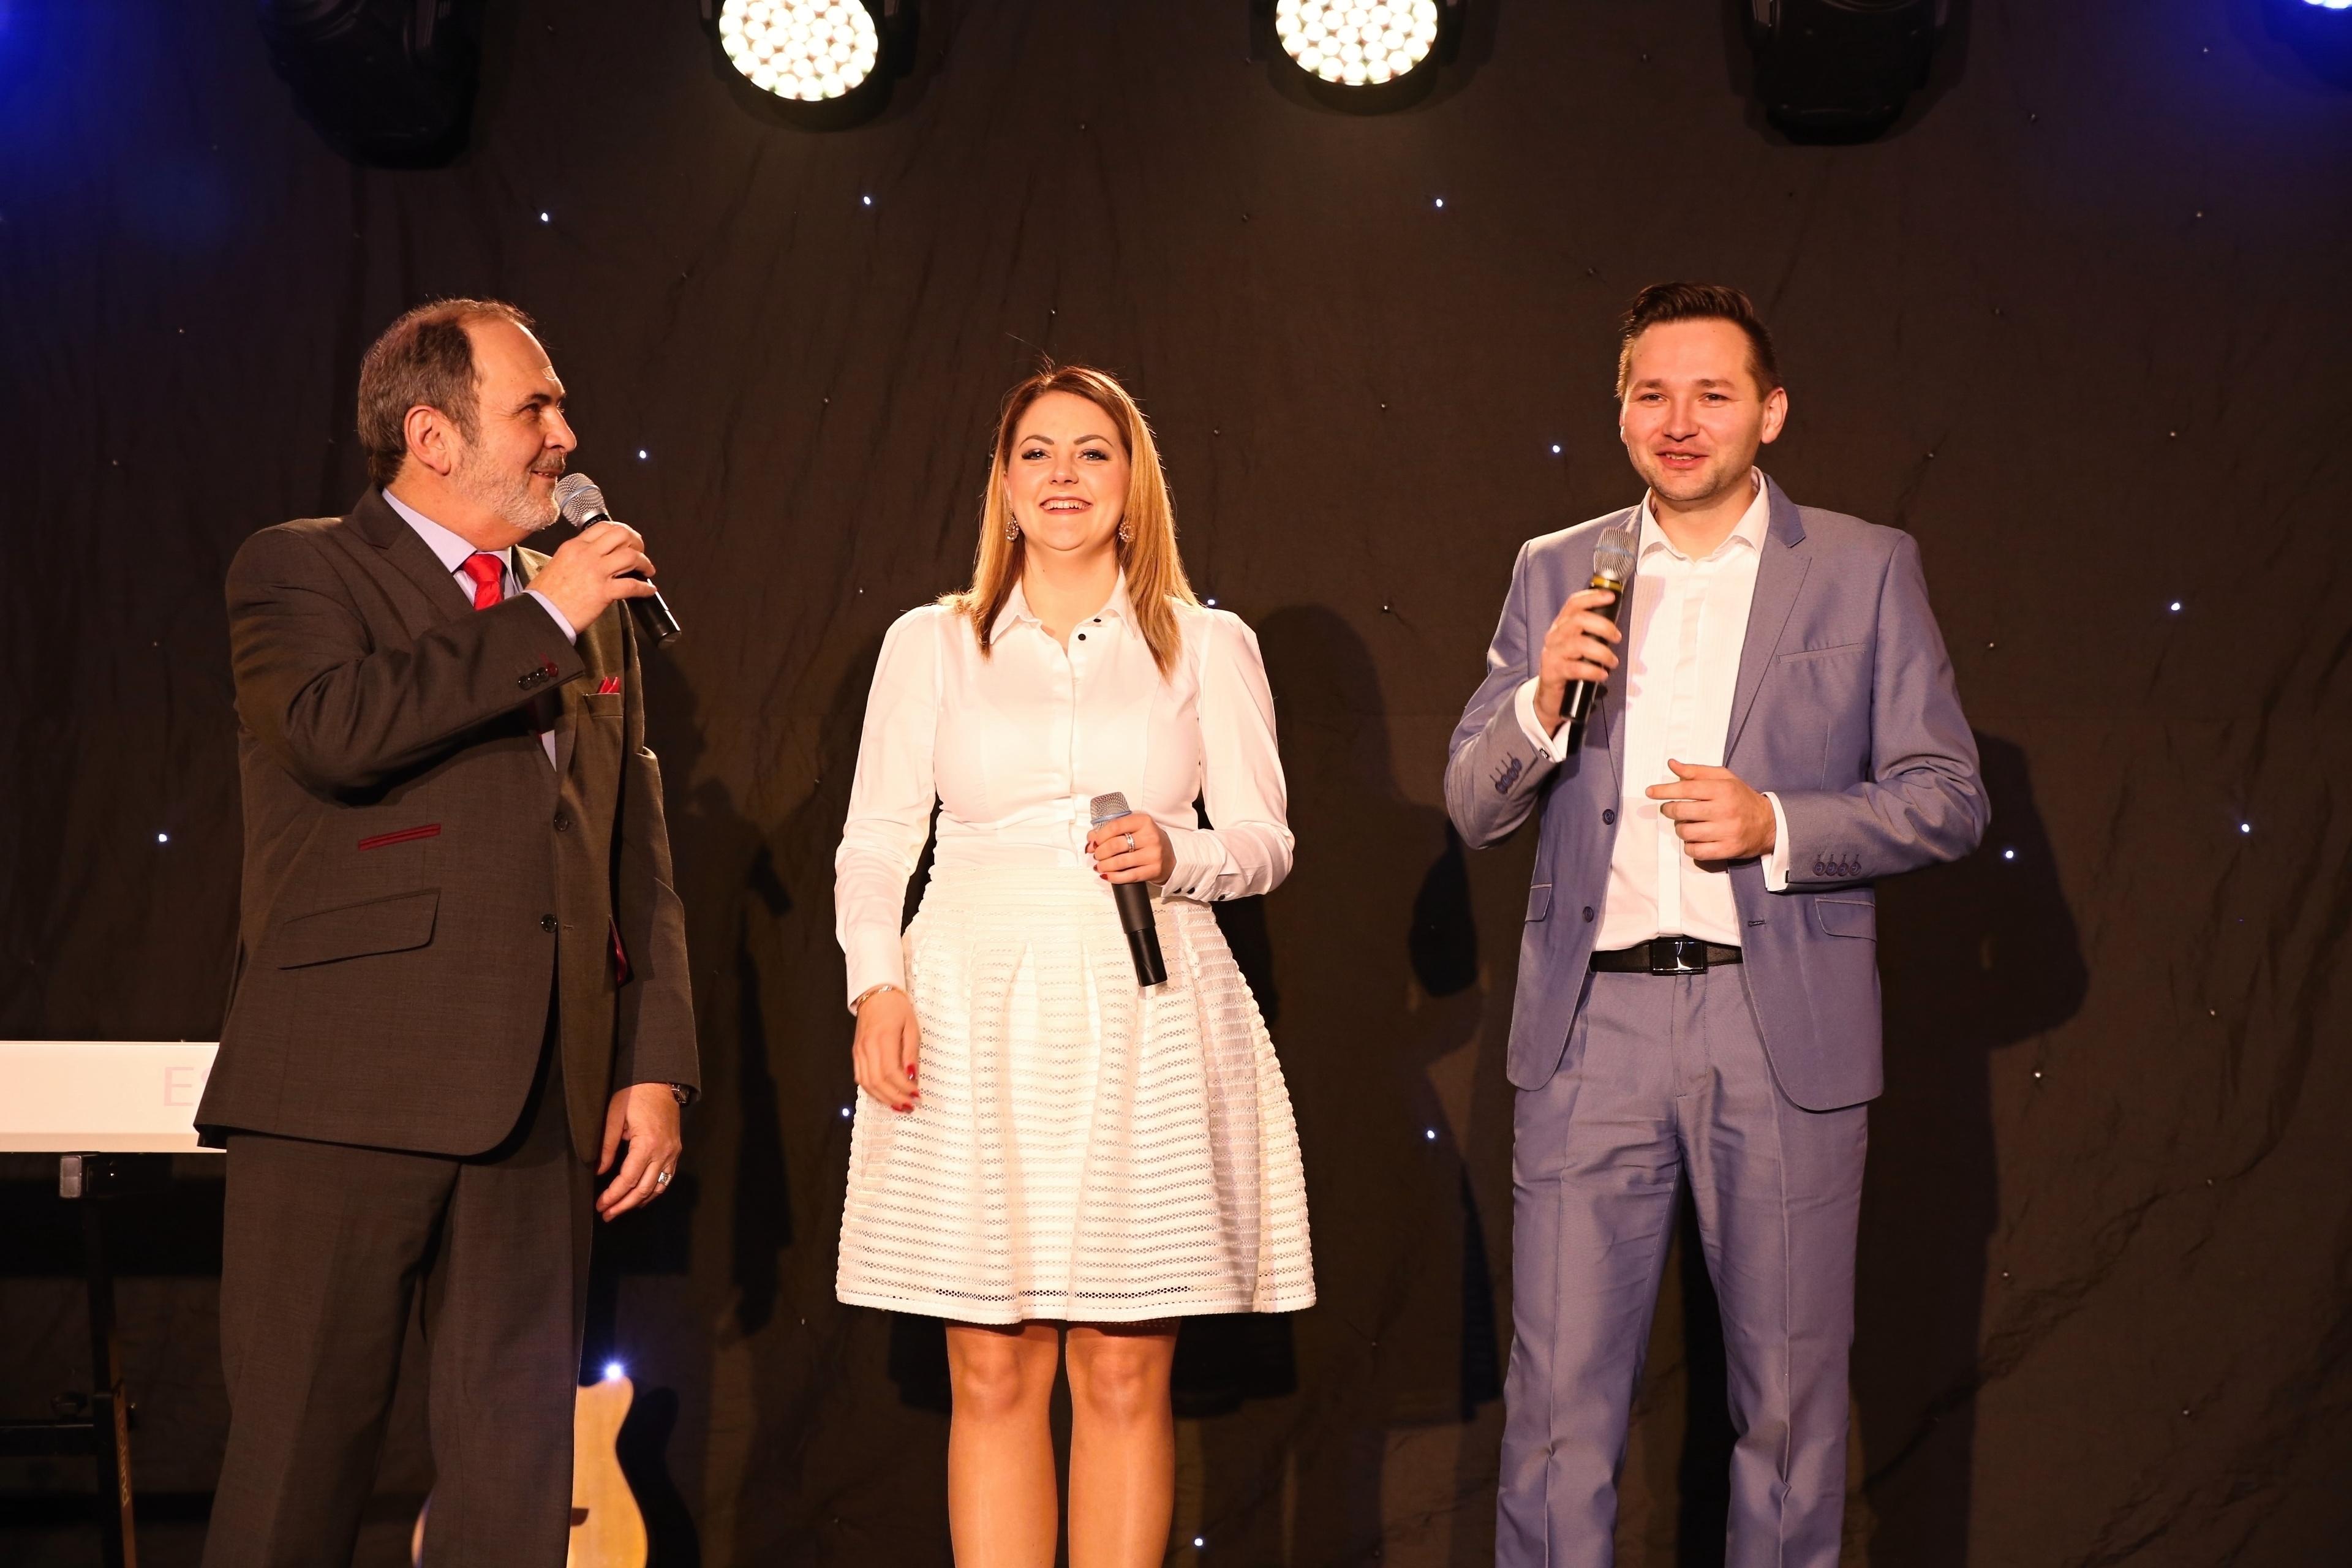 Petr_Průša_Photo493